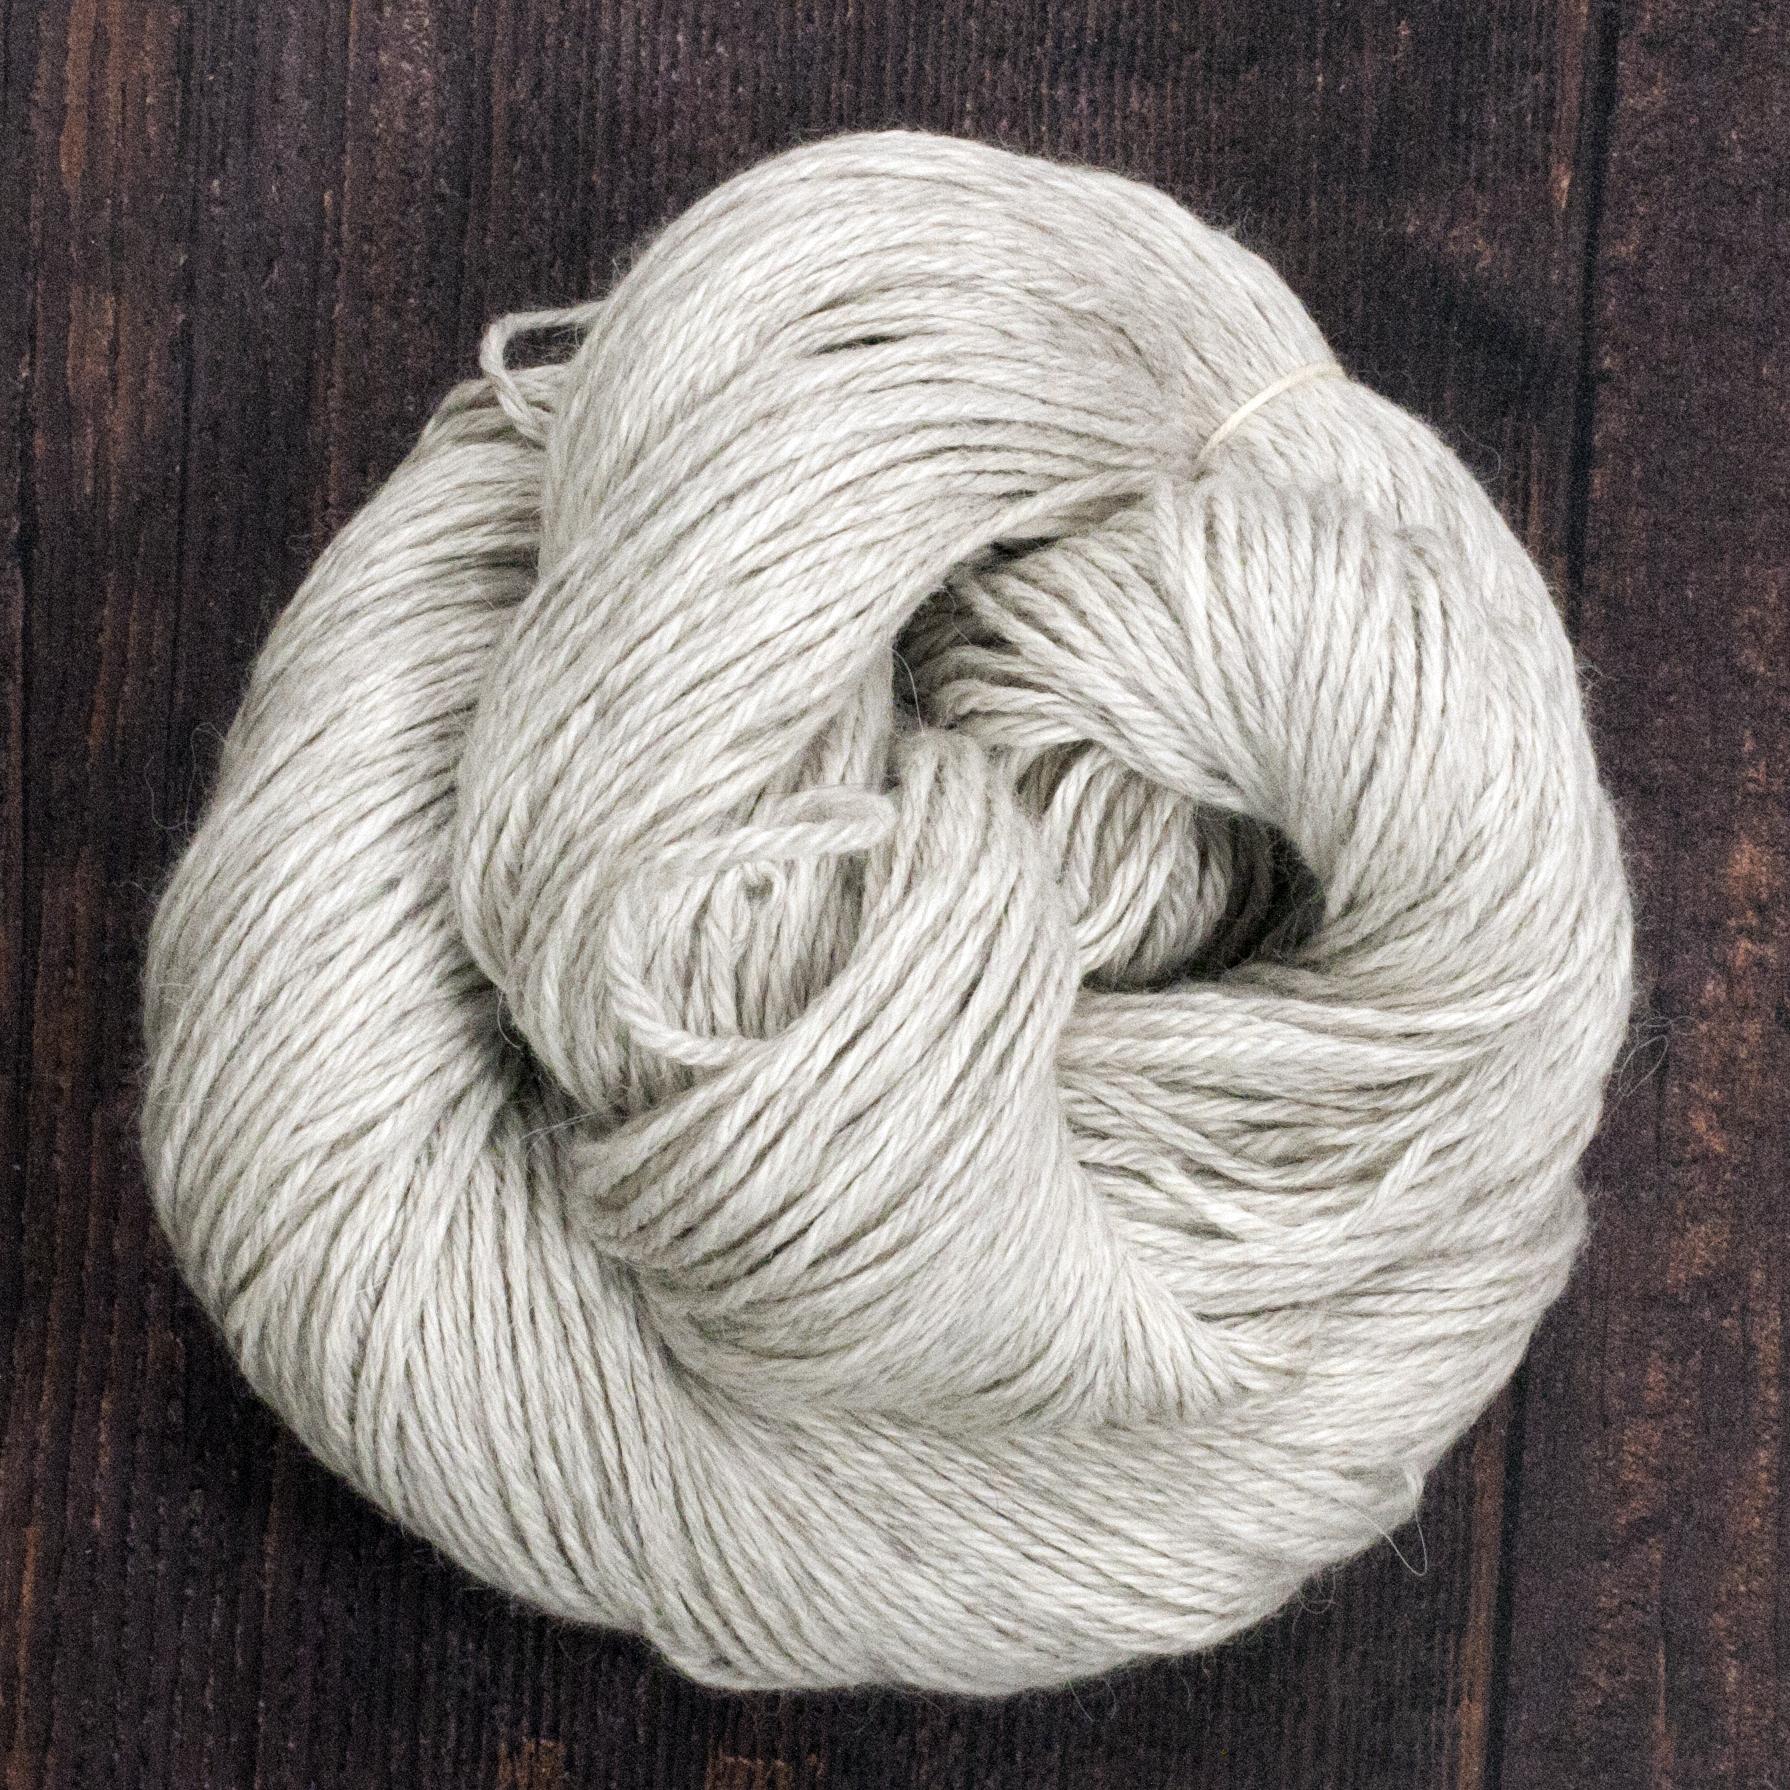 Type 49231  Angel Mist DK   70% Natural Light Grey Baby Alpaca 20% Silk 10% Cashmere  100g Hanks 225m per 100g 4/9nm